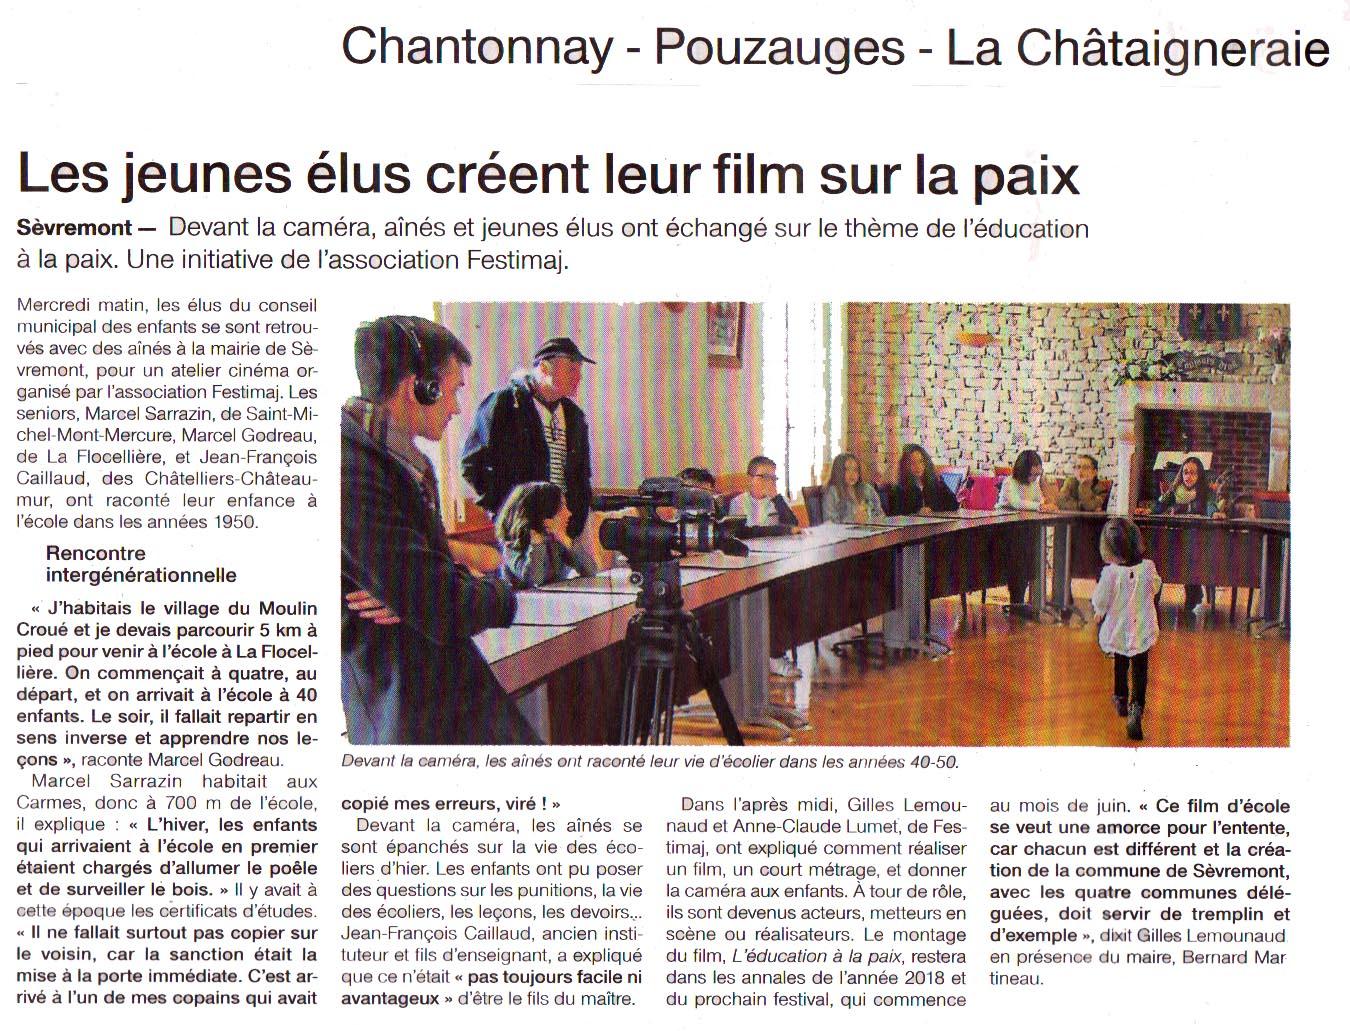 Ouest-France Le 3 Mai 2018 Les jeunes élus créent leur film sur la paix